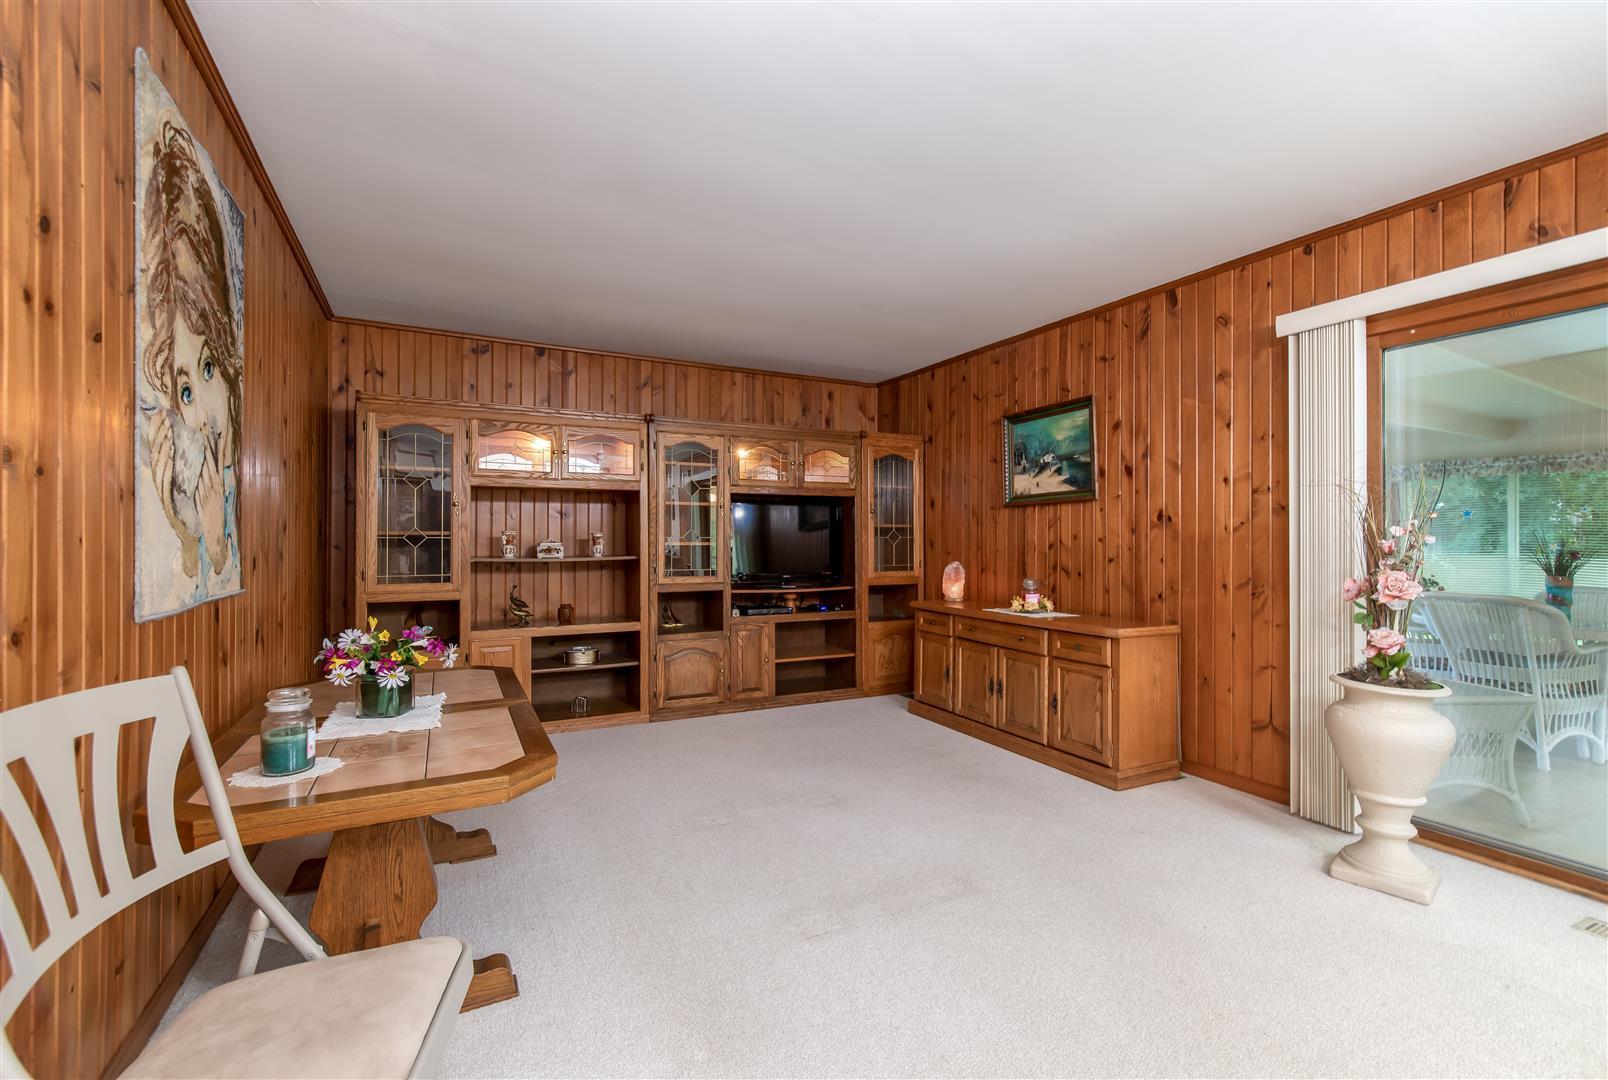 885 Hunter, Roselle, Illinois, 60172